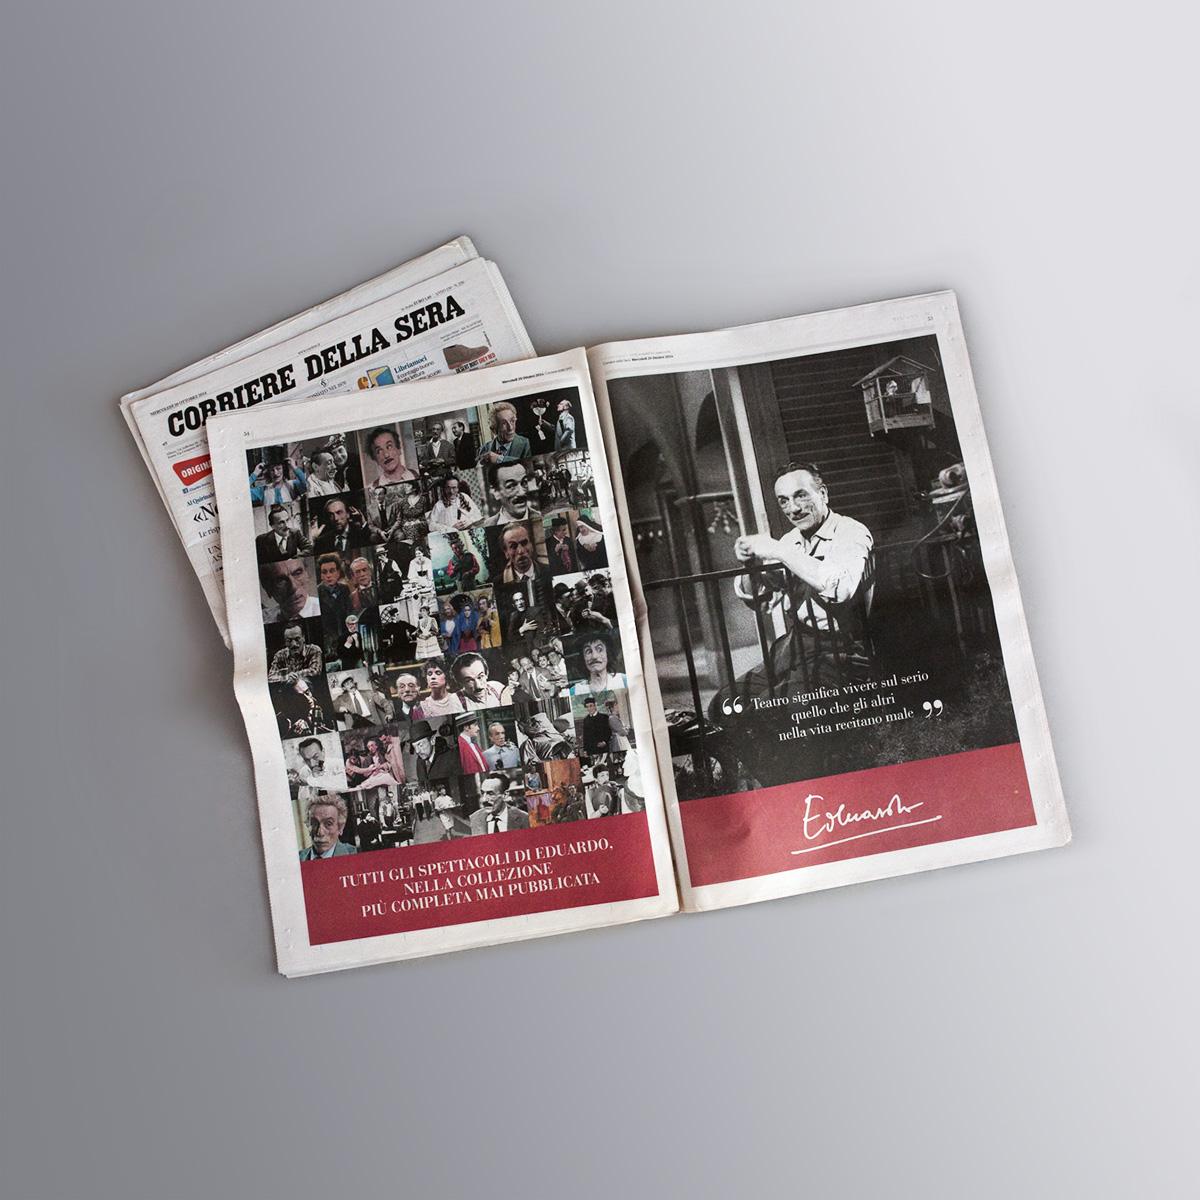 Il teatro di Eduardo De Filippo - collana DVD di 35 commedie opera intera - pagine pubblicitarie sul giornale Corriere della Sera